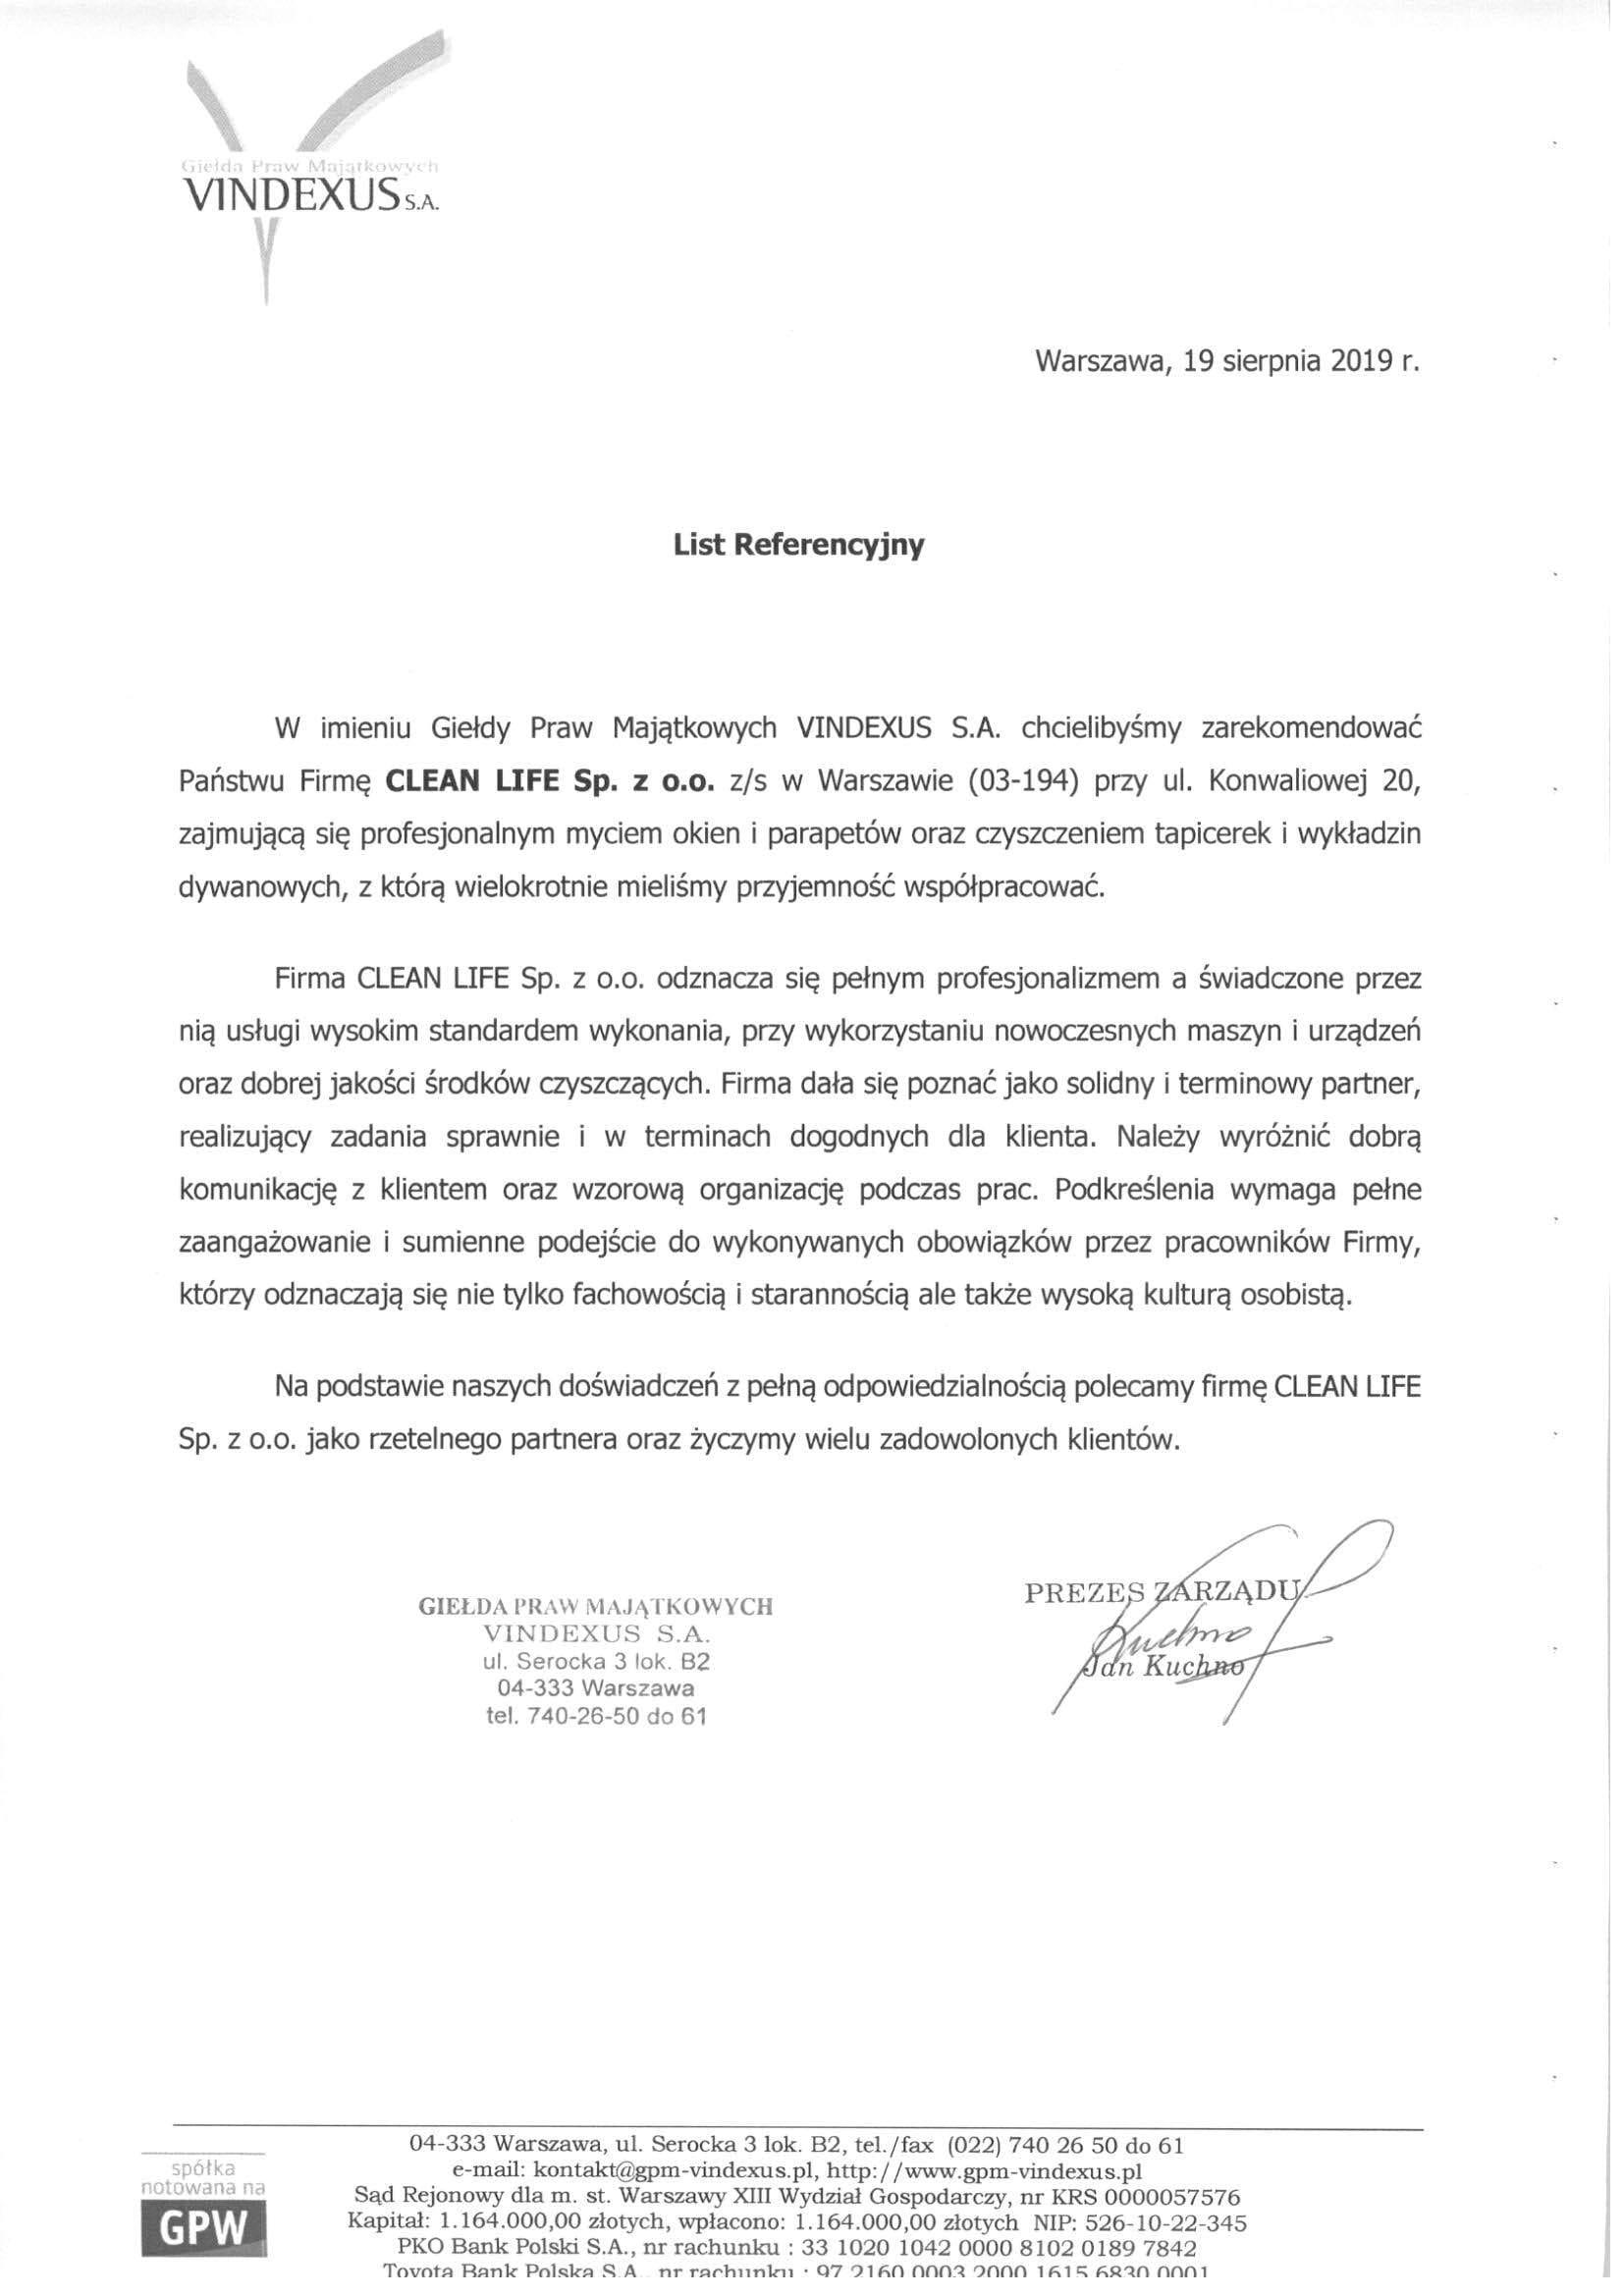 Giełda Praw Majątkowych Vindexus S.A.